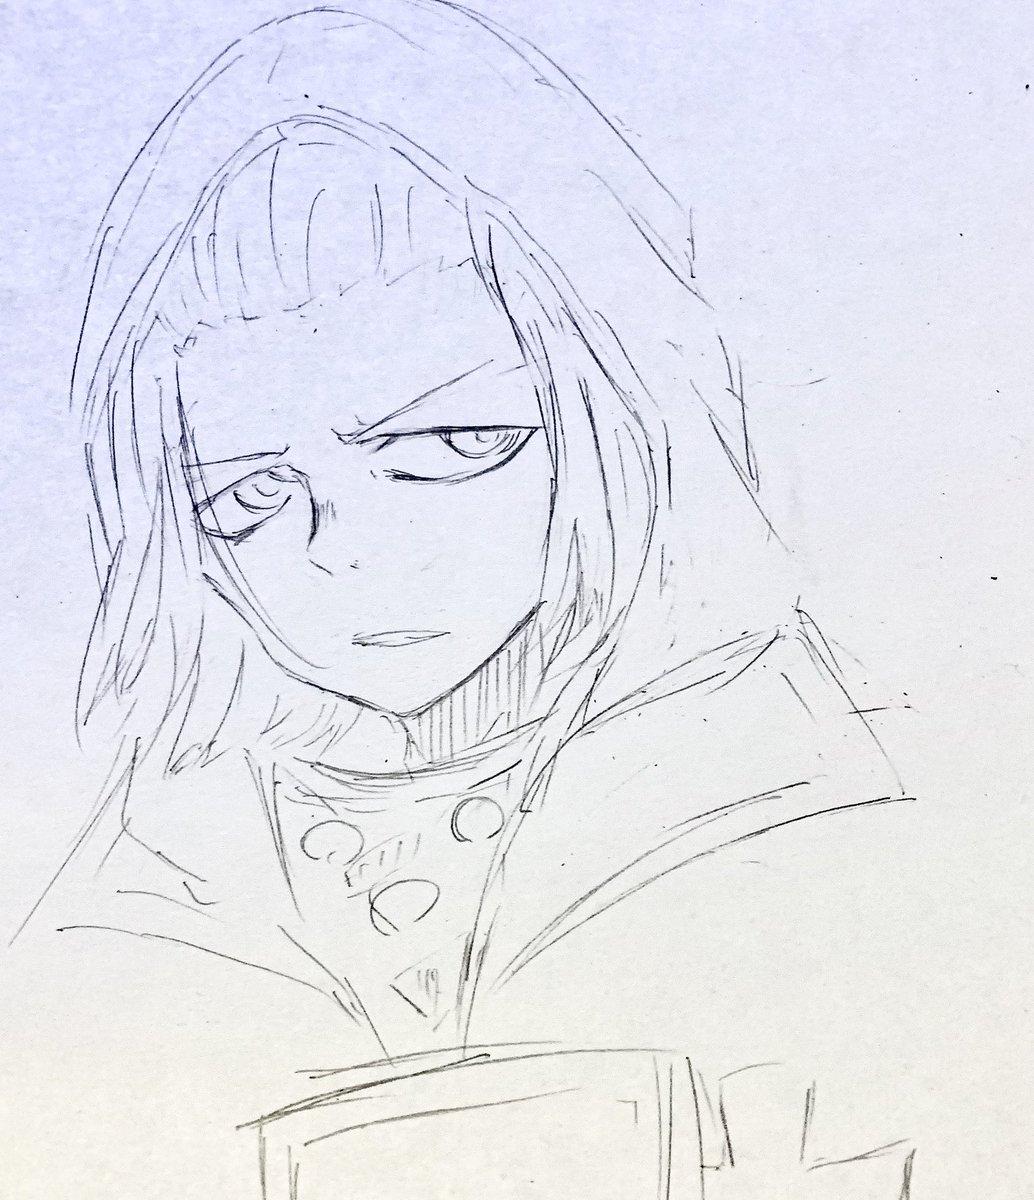 炎炎 ノ 消防 隊 かっこいい 画像